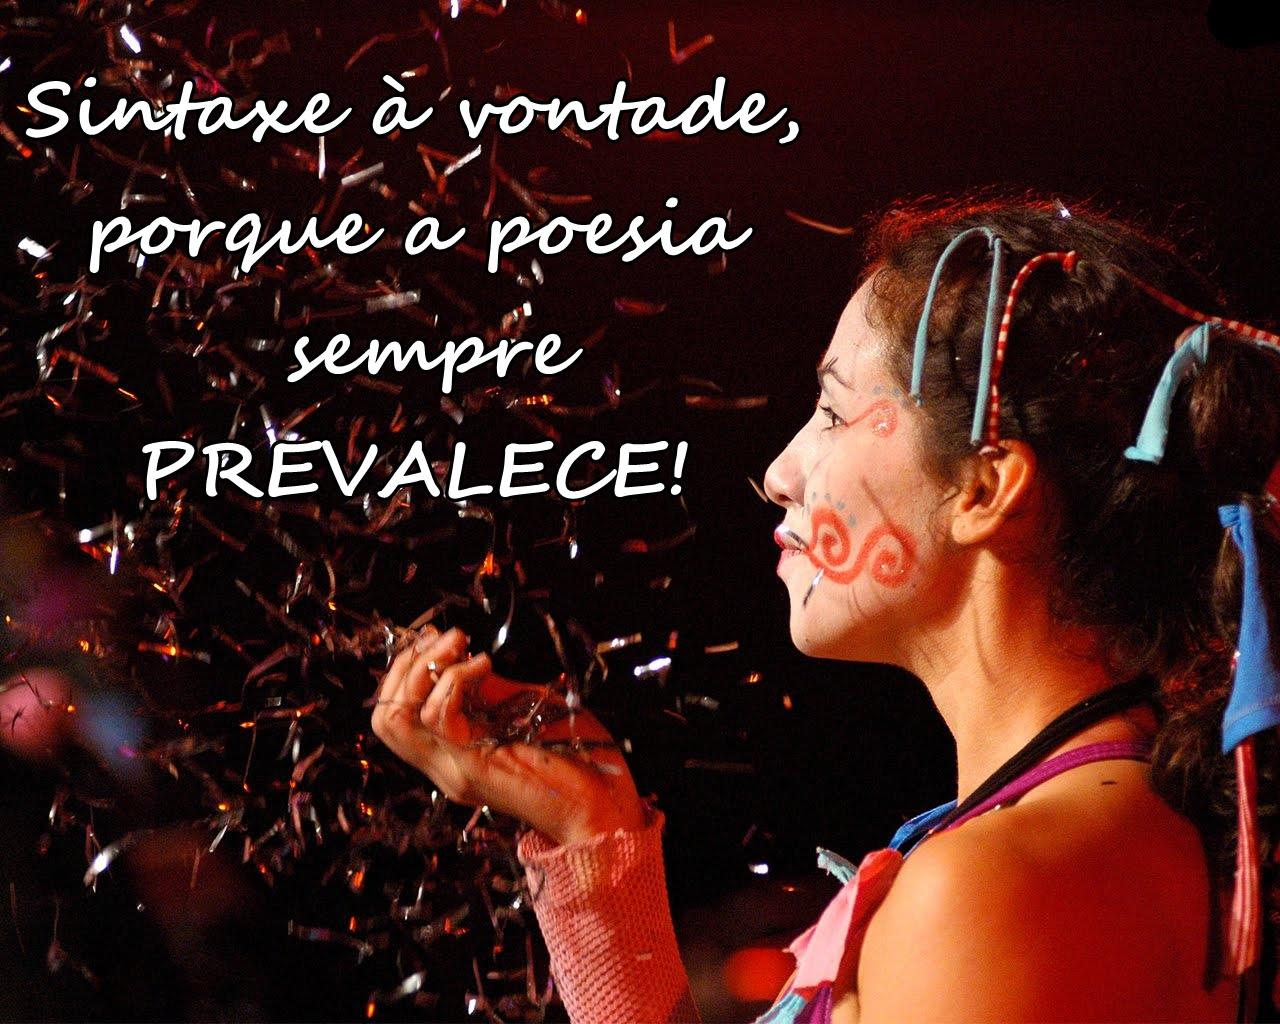 http://1.bp.blogspot.com/_yFjjpMVtCJg/TLHjMY6q-YI/AAAAAAAAAQY/T8FhgbmJw40/s1600/O+Teatro+Mgico+Gabi_wallpaper.jpg